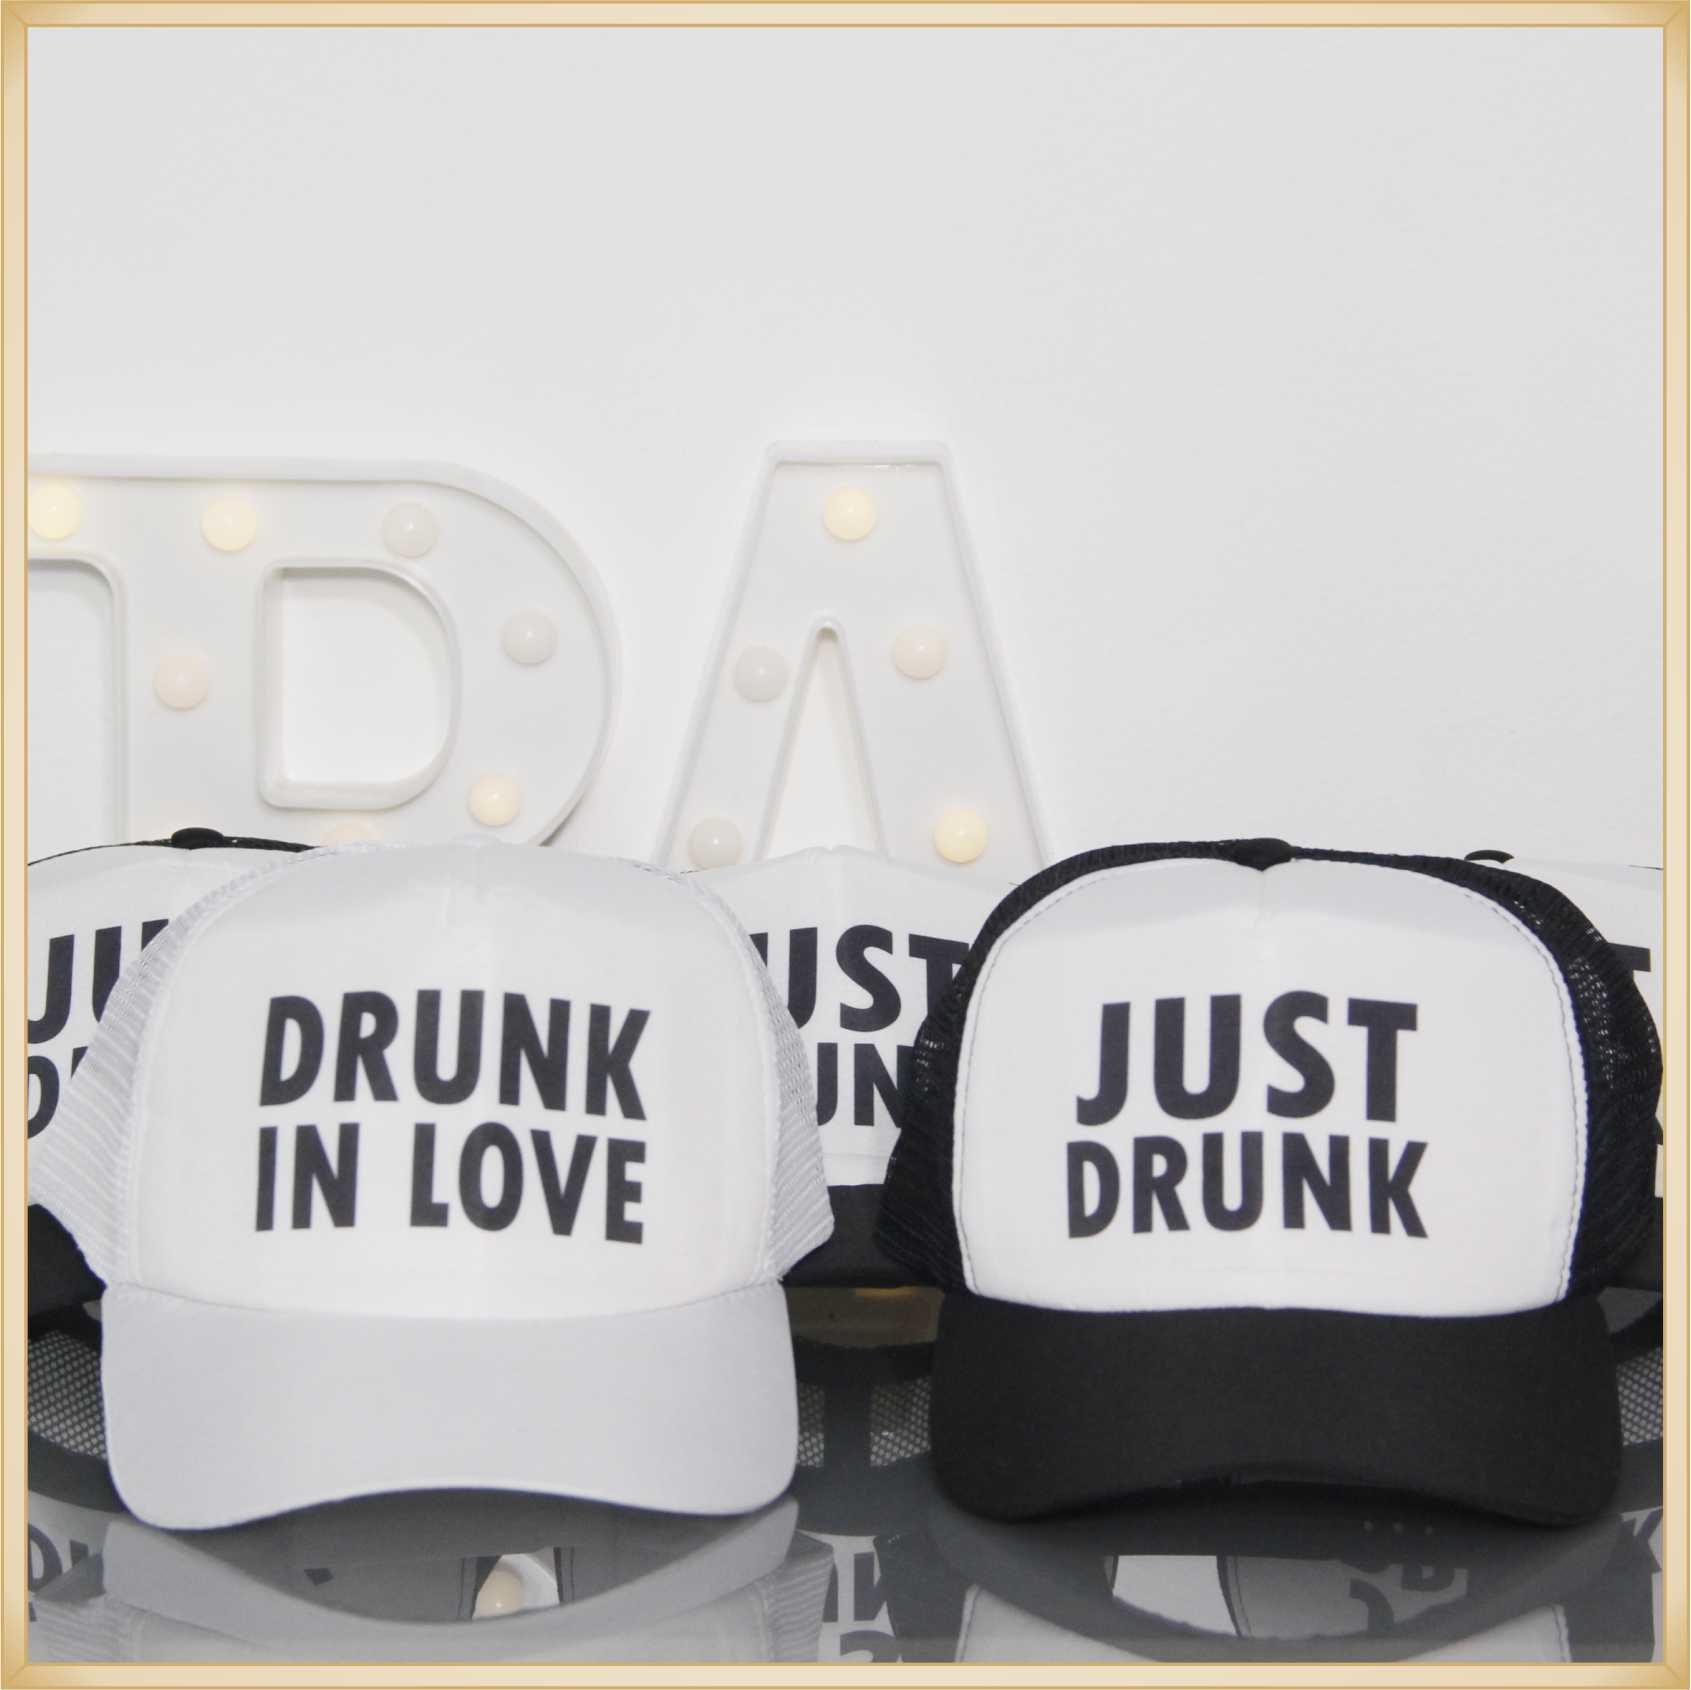 Bonés Personalizados para Festa Despedida de solteira, Chá de lingerie, Chá bar, Team Bride, Time da Noiva e Boné das Madrinhas.